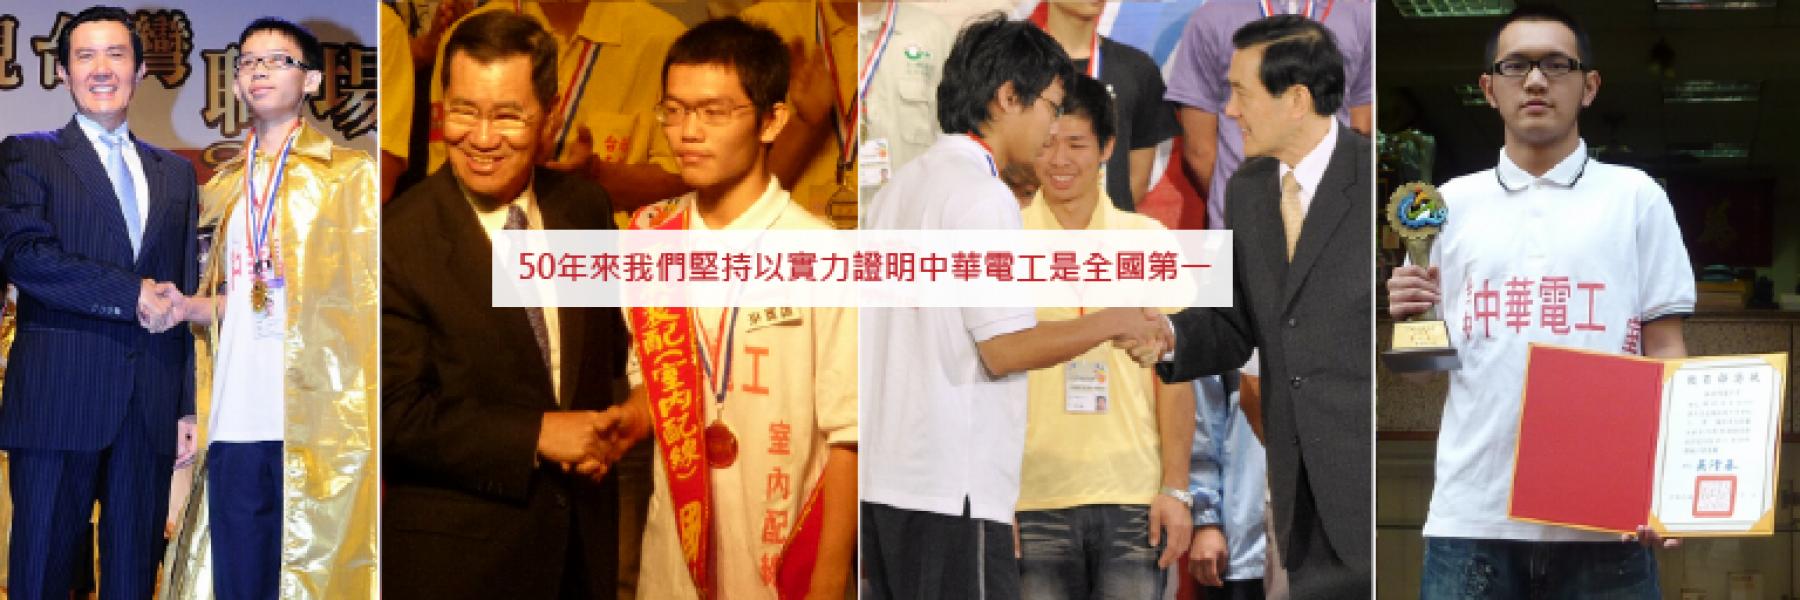 中華電工技術補習班